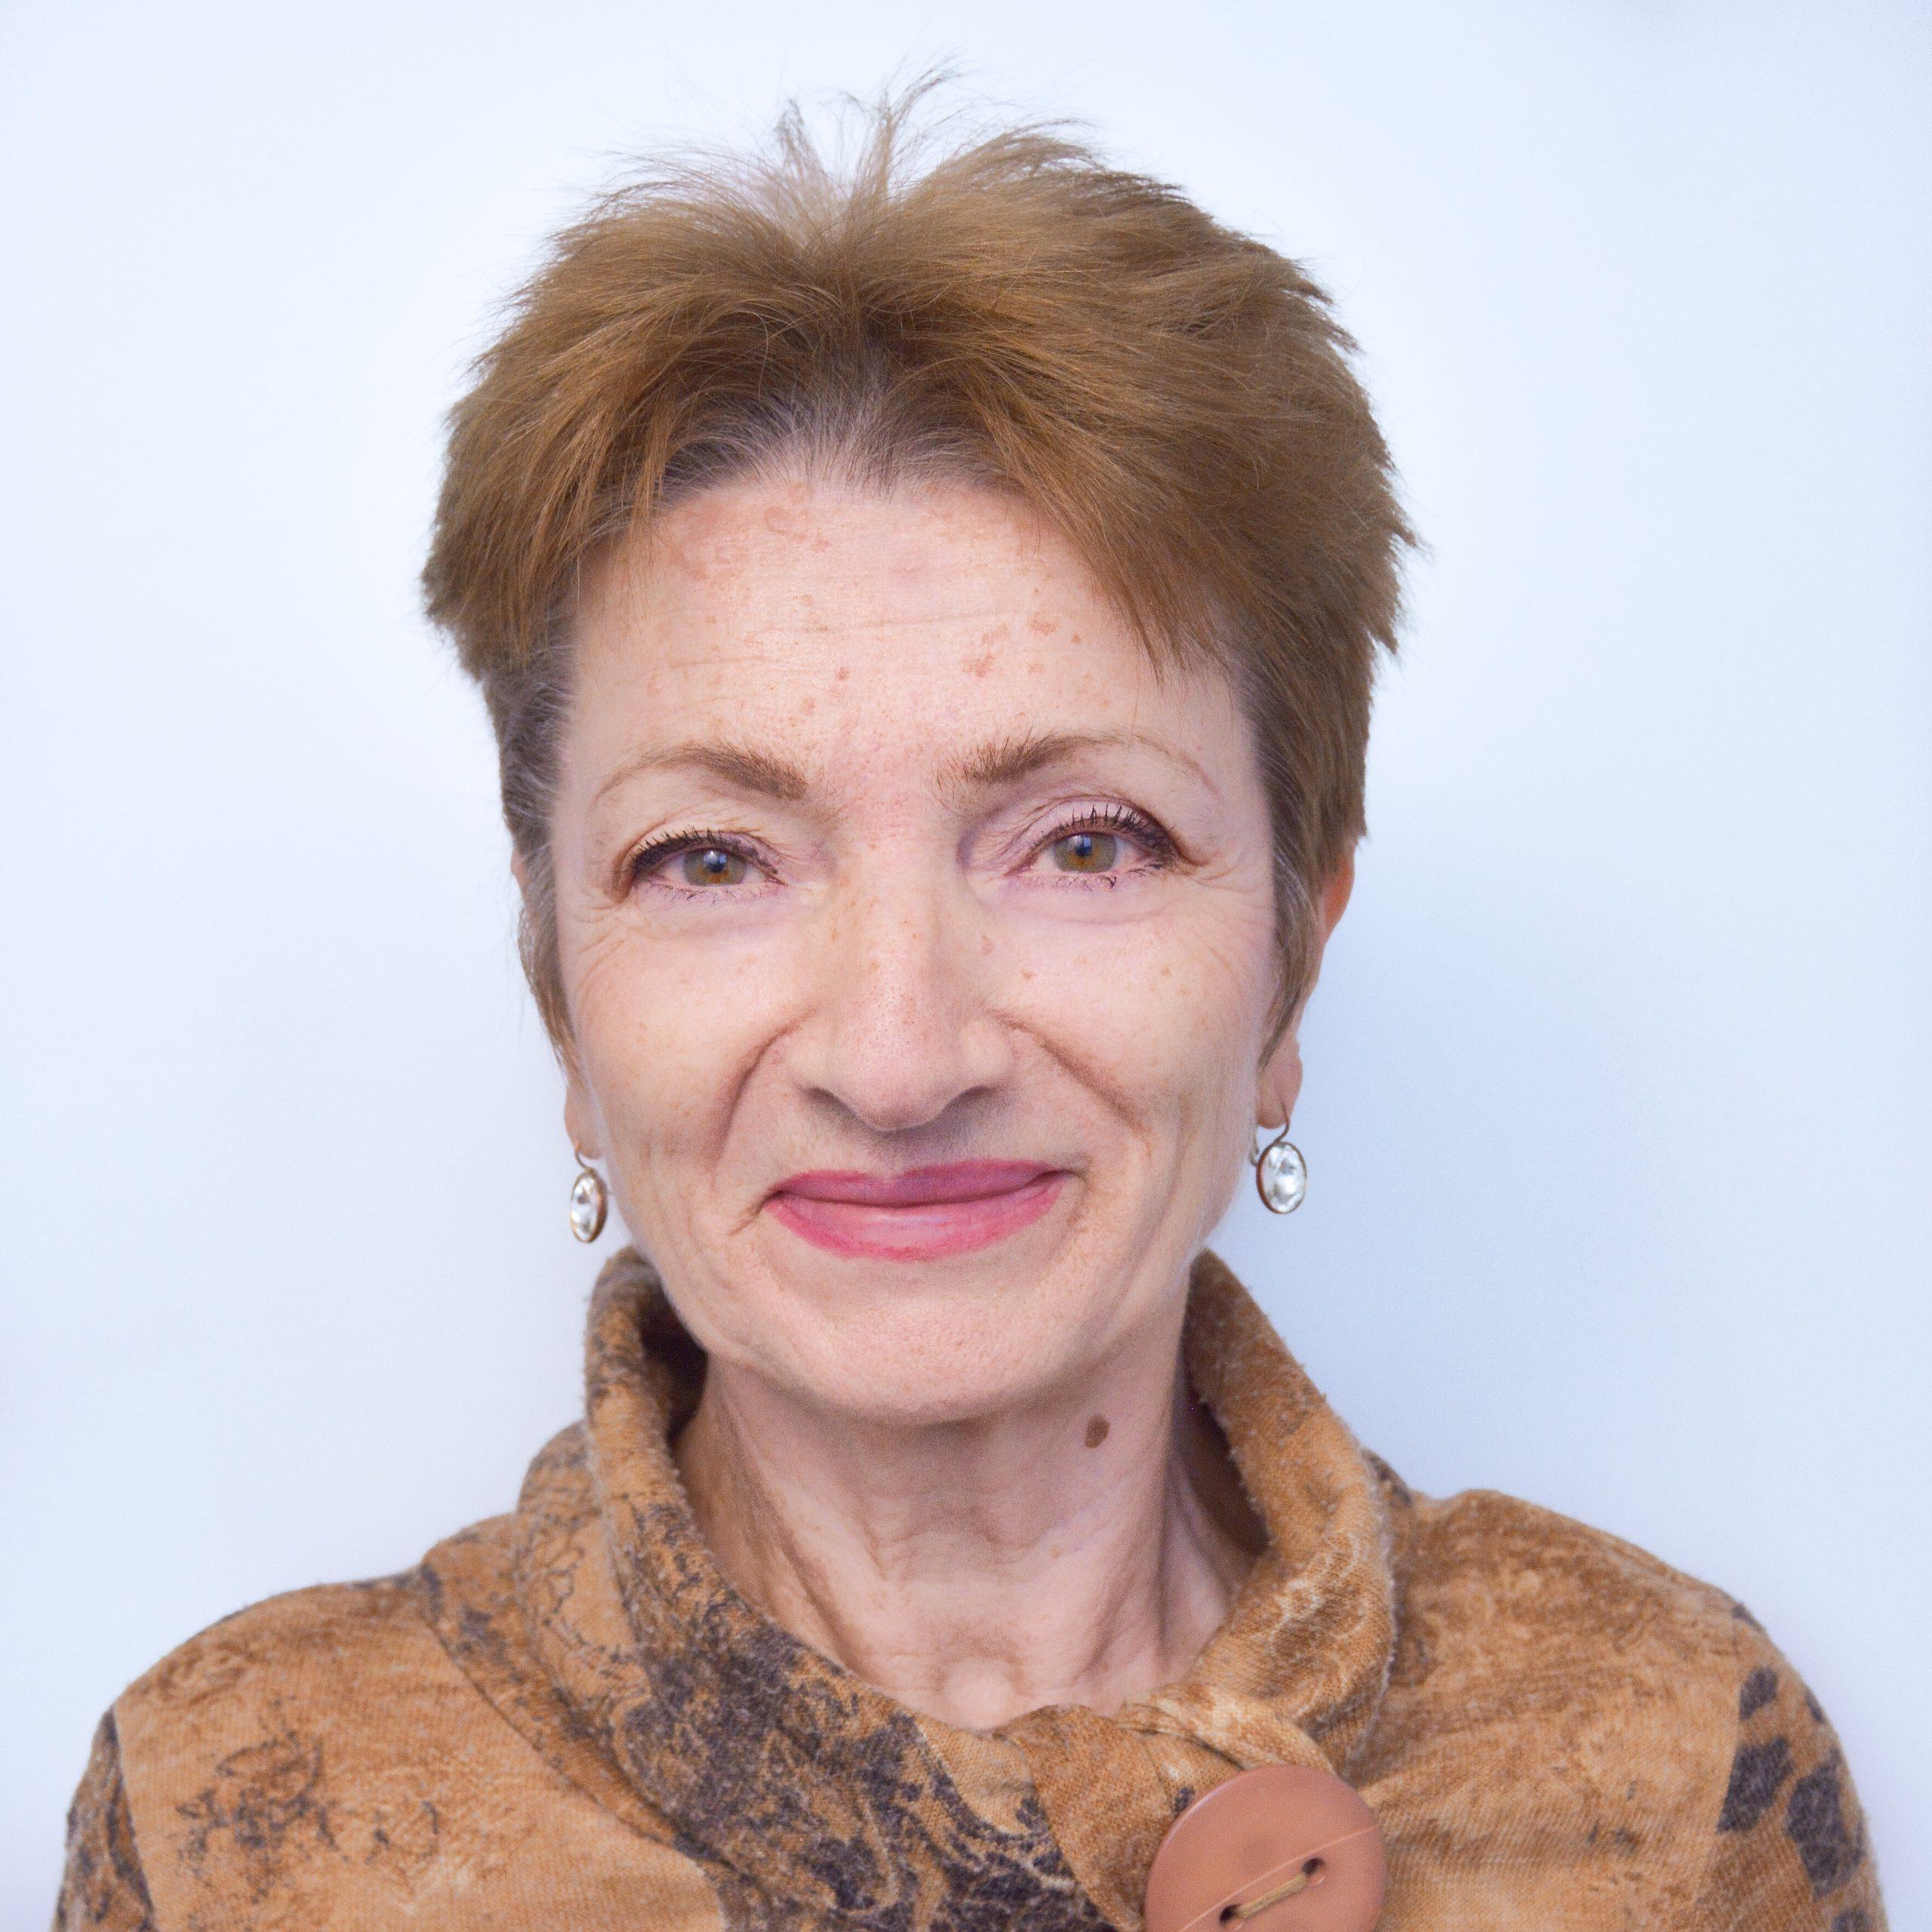 Nataliya Nikolaeva